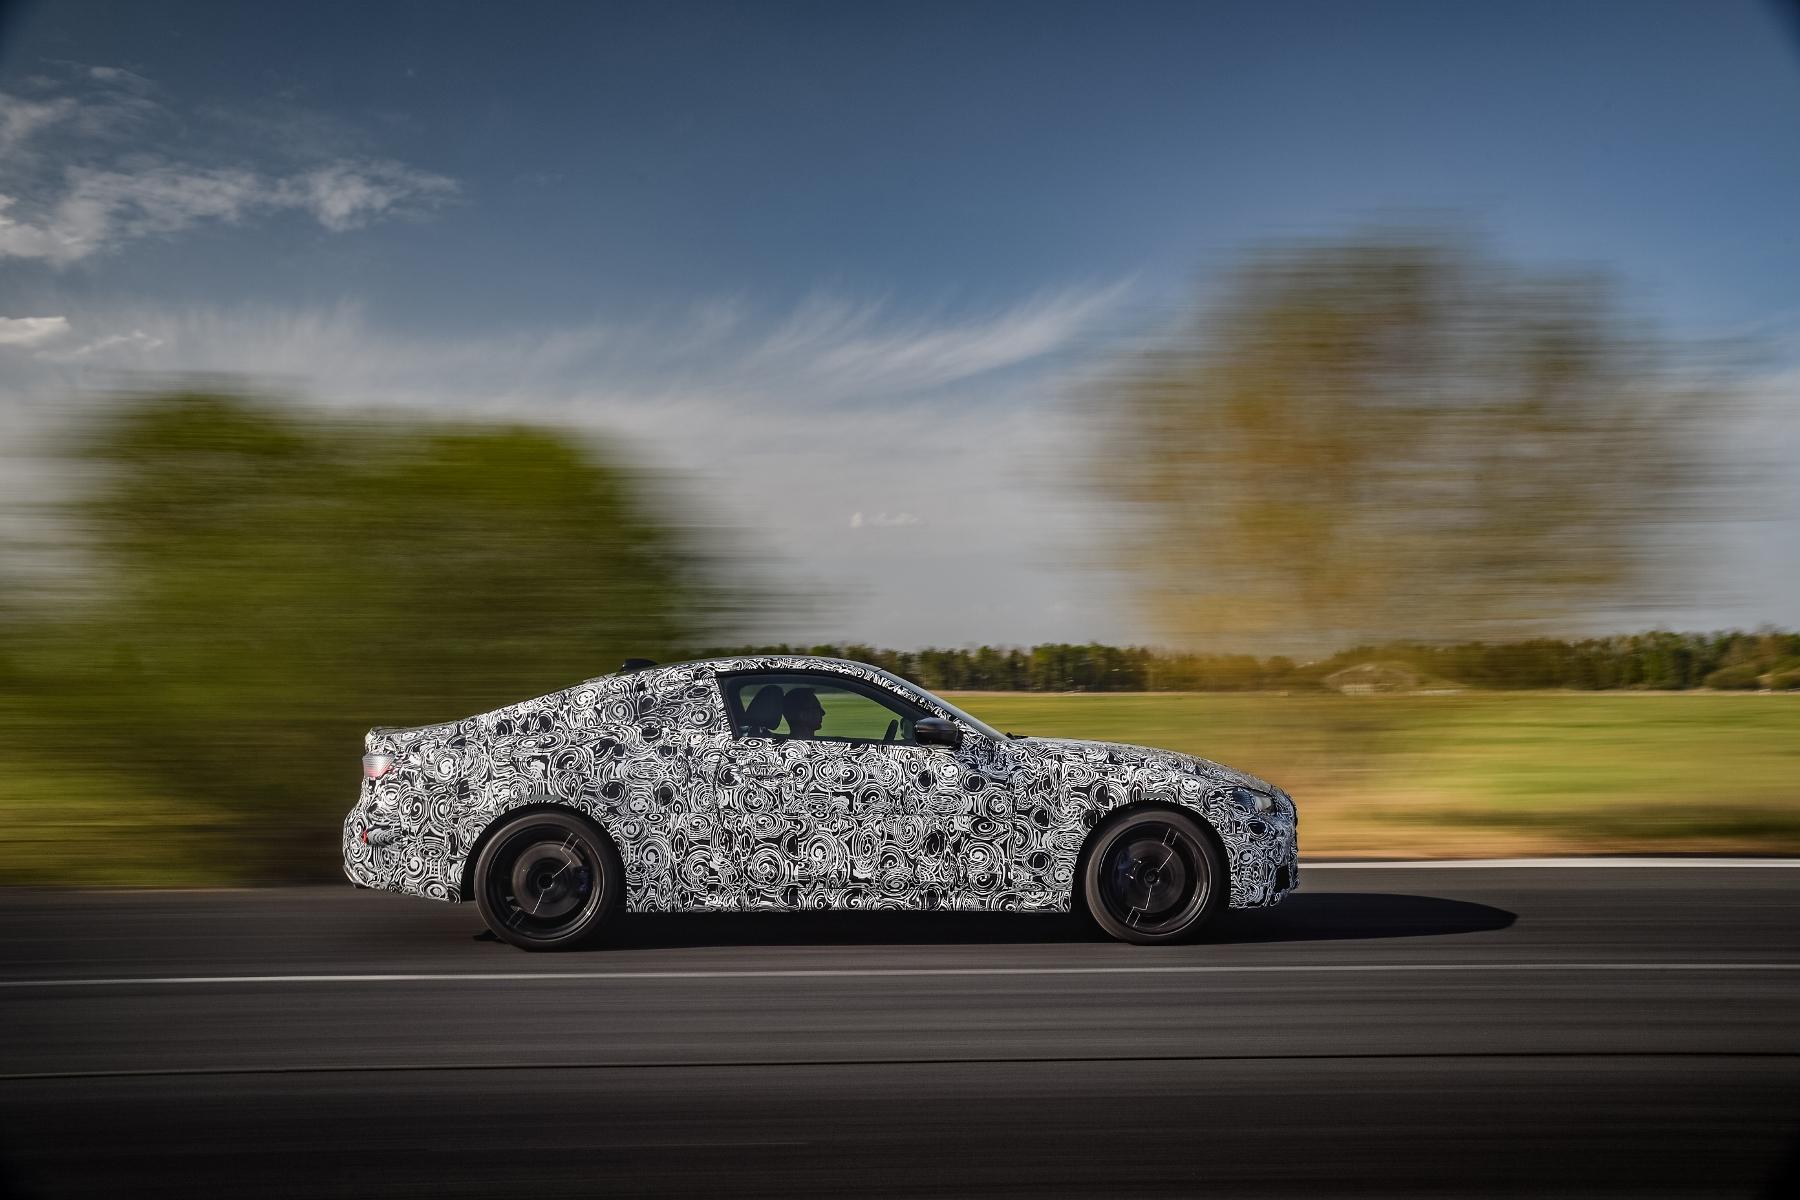 Nové BMW radu 4 Coupé dostane športovejší podvozok n0PUAFcHPP bmw-4-coupe-12